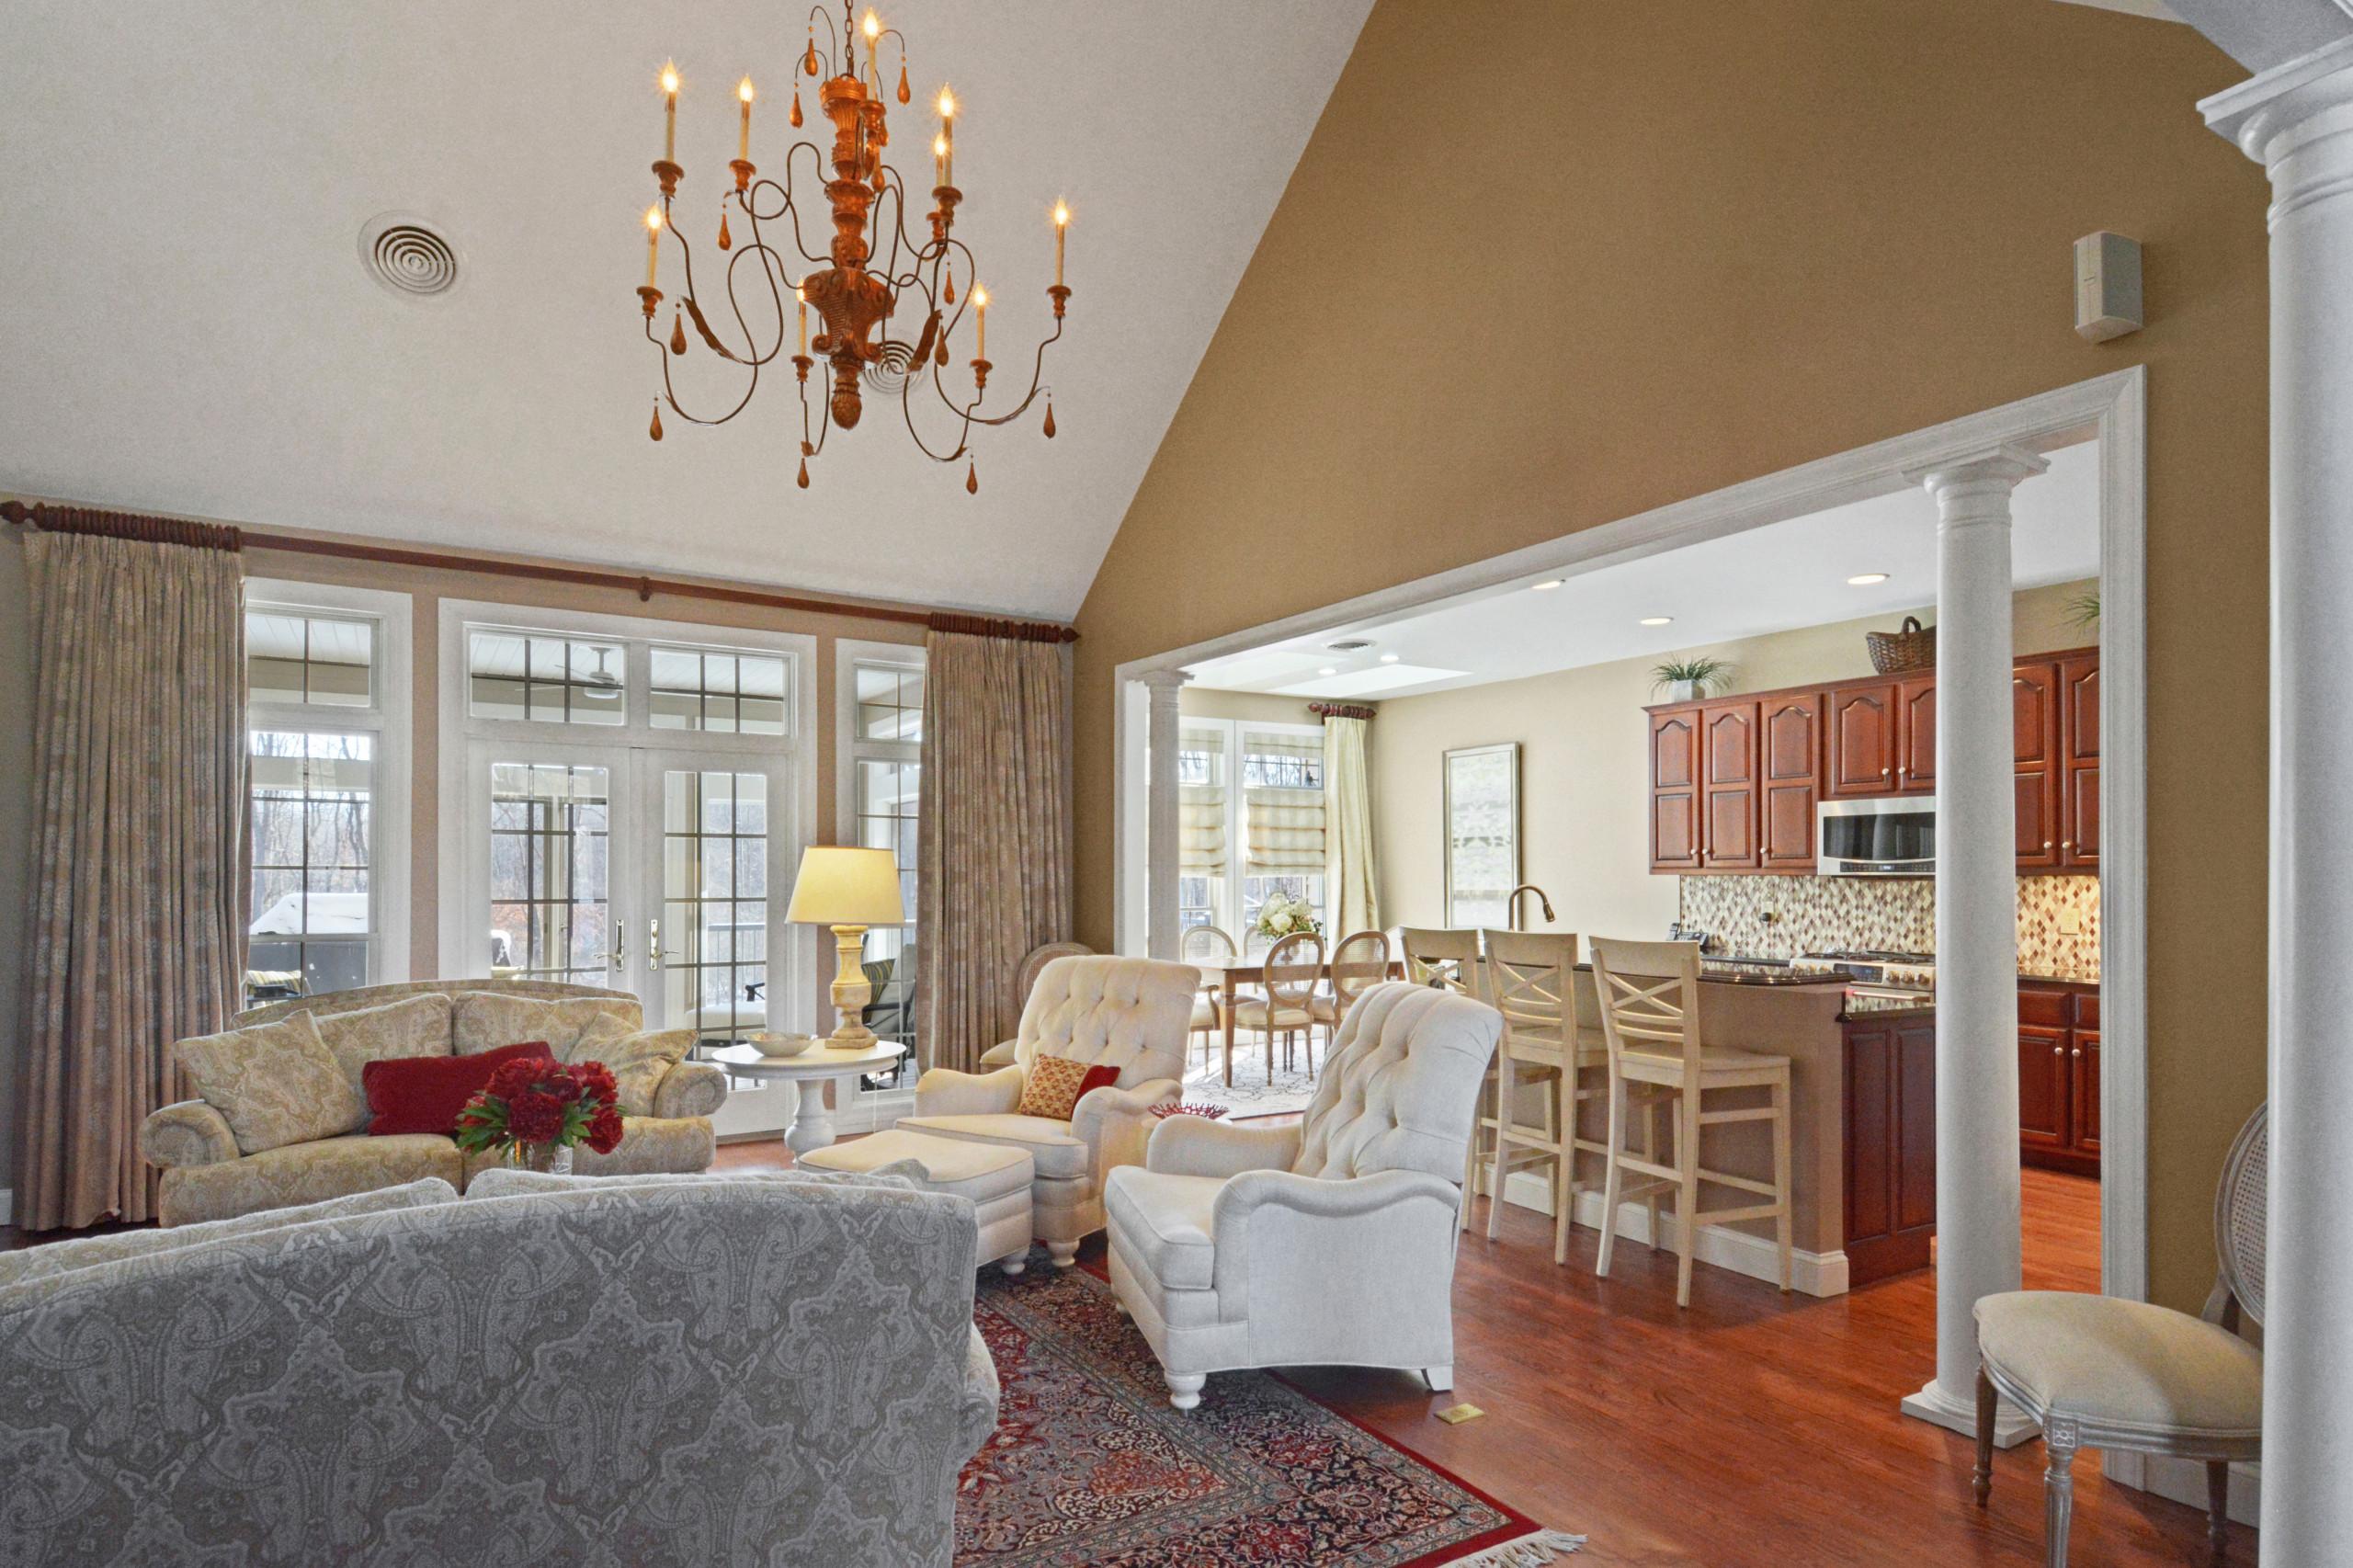 Traditional Living Room Open Floor Plan